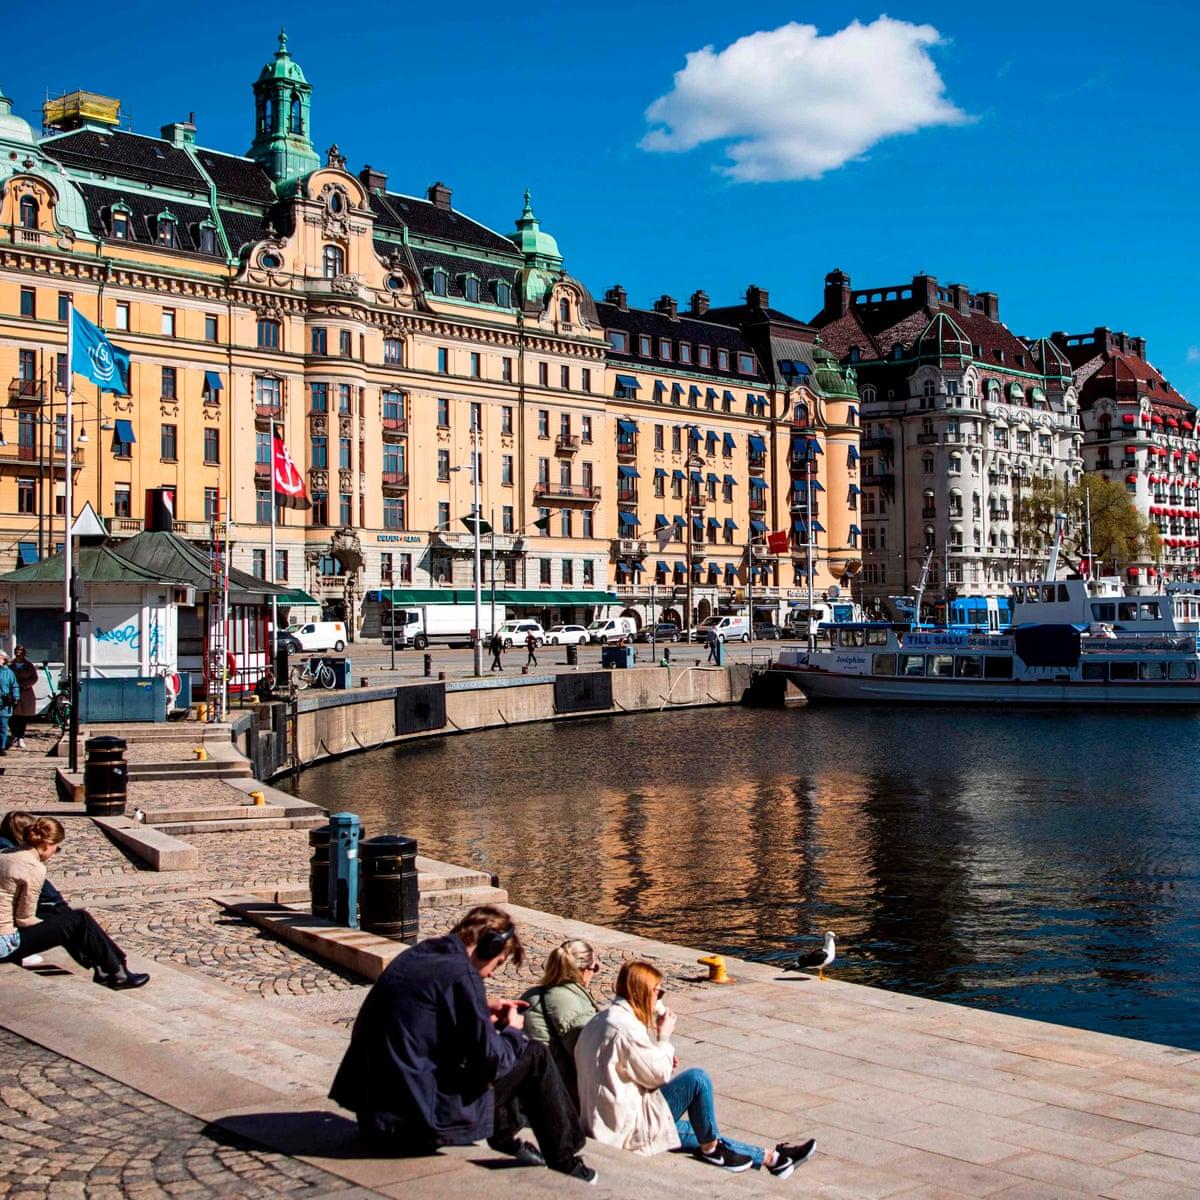 So với Mỹ, người dân Bắc Âu có vẻ biết cách tận hưởng cuộc sống hơn.